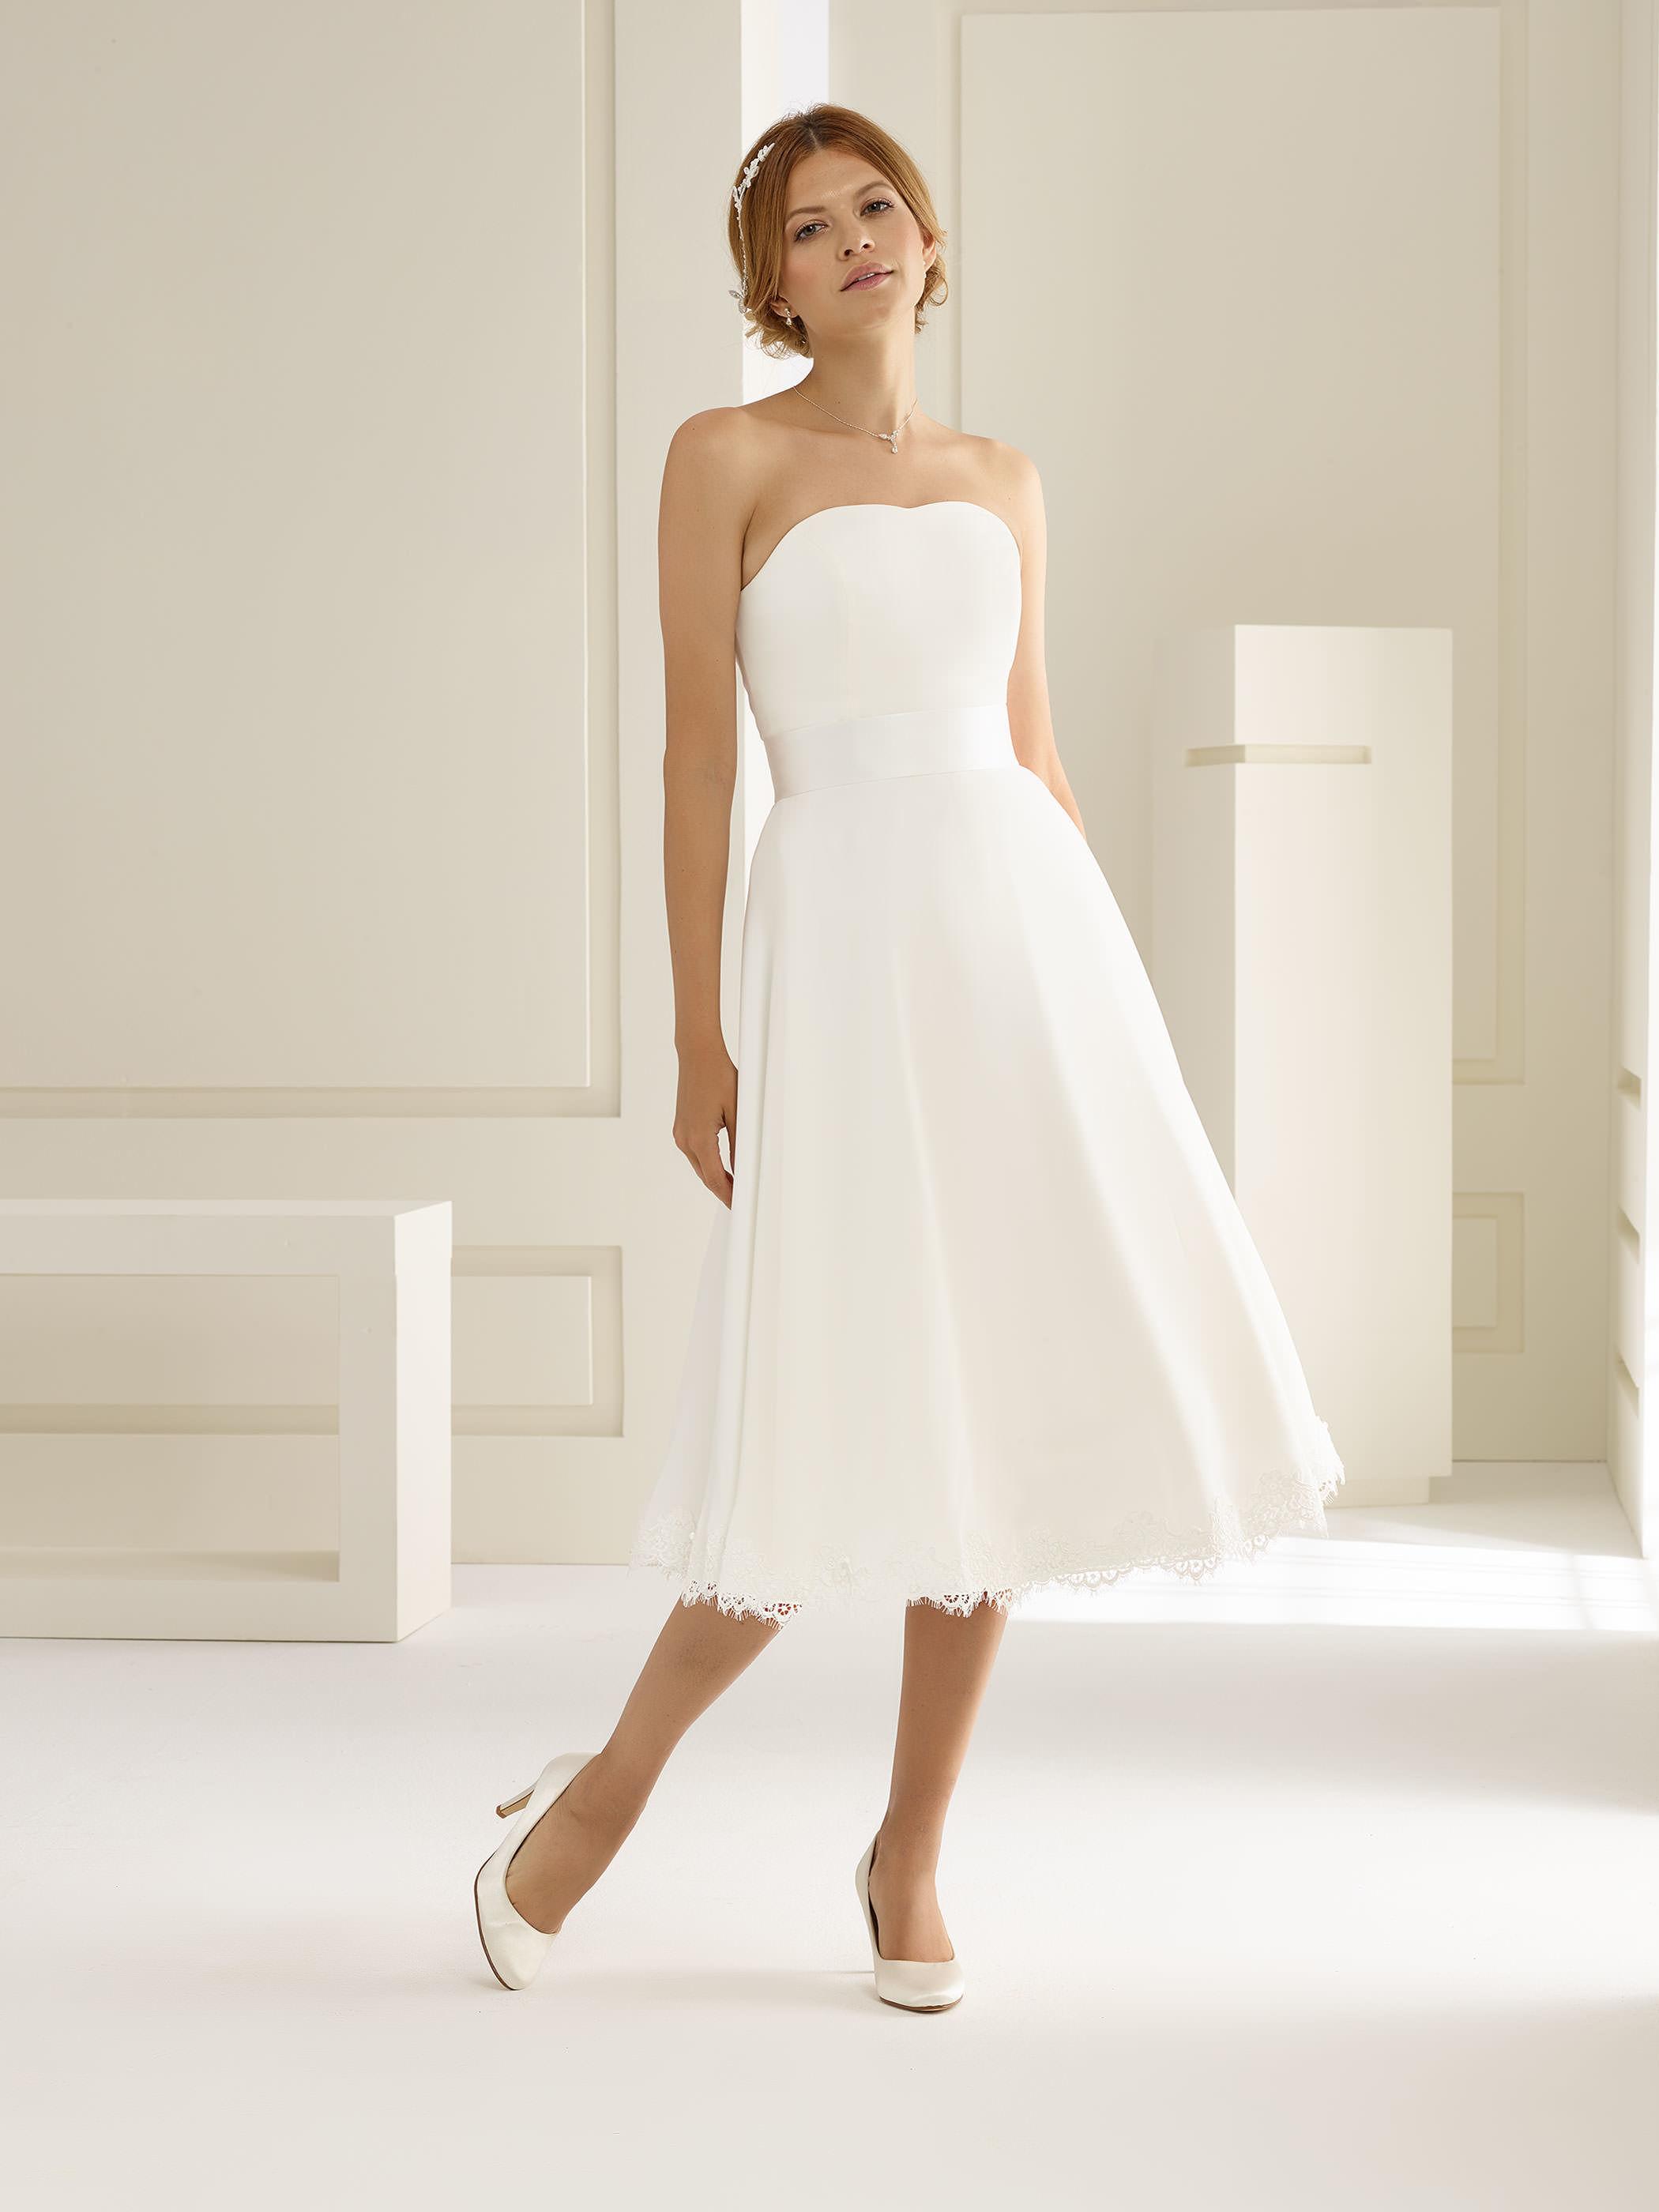 online store 2867d 8f7f6 Hochzeitskleider Schweiz günstig   Samyra Fashion